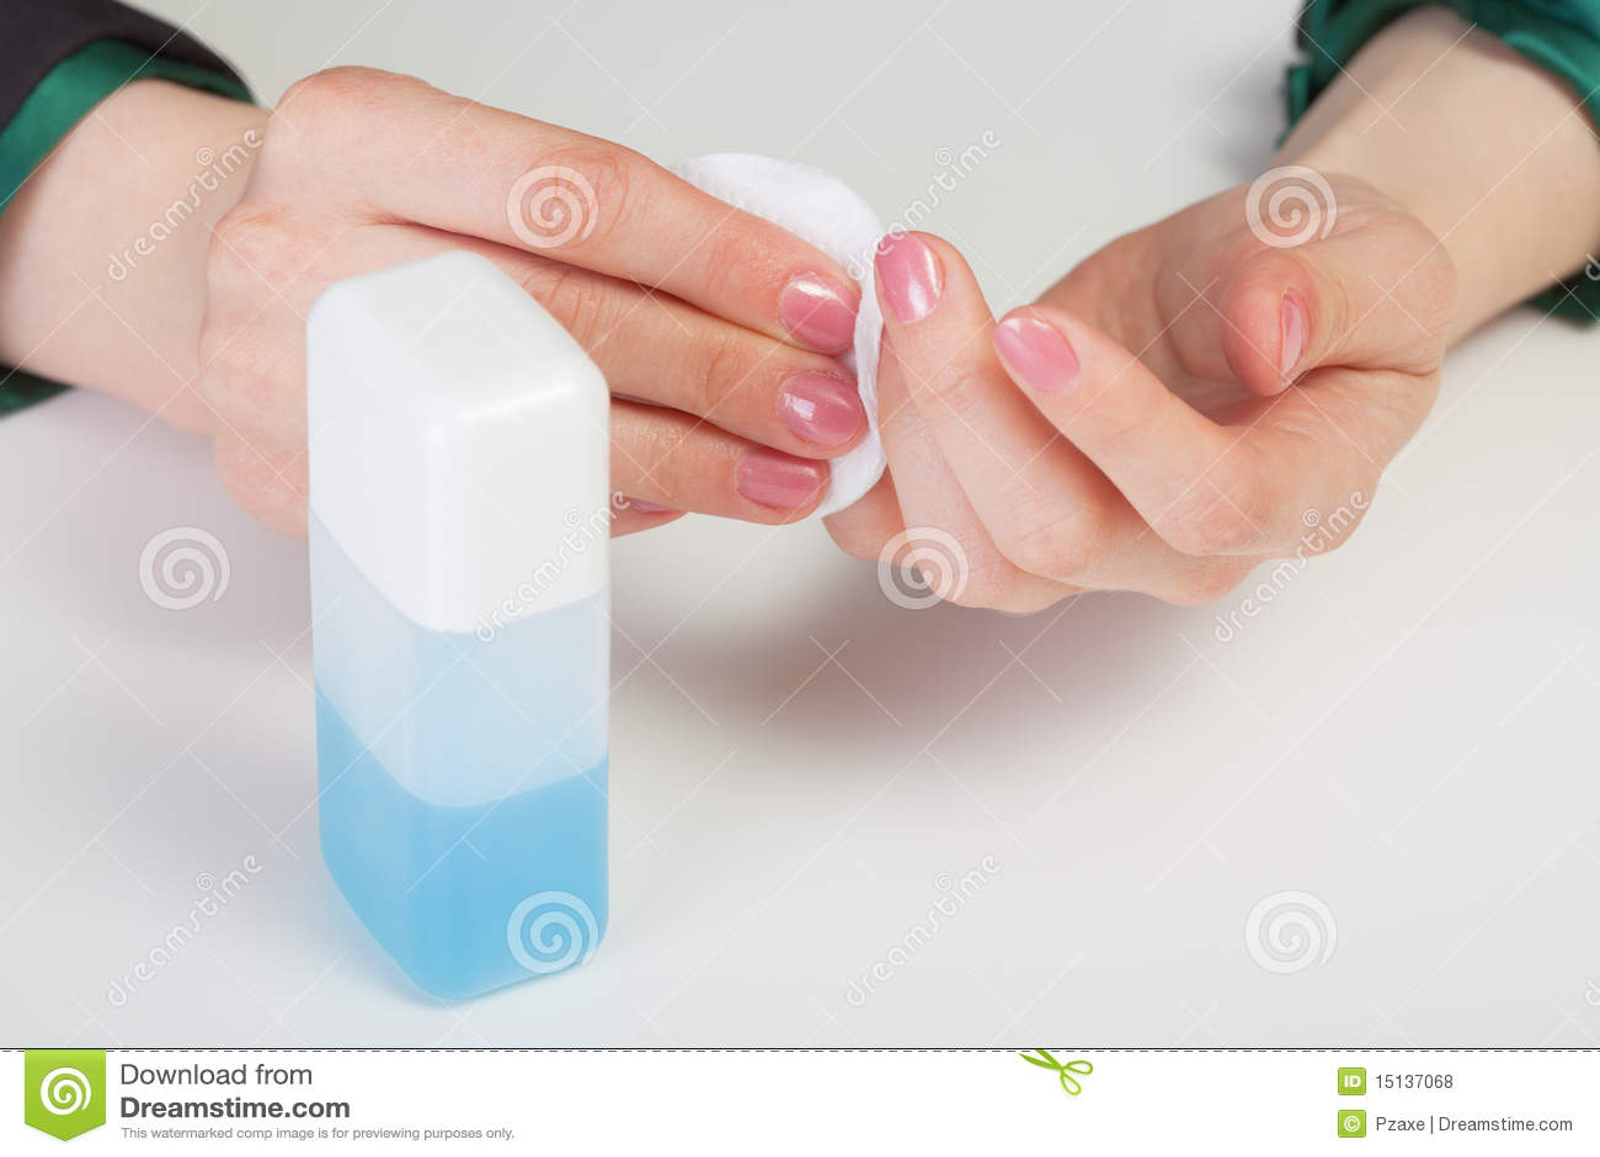 Soin par des clous - enlèvement de vernis à ongles